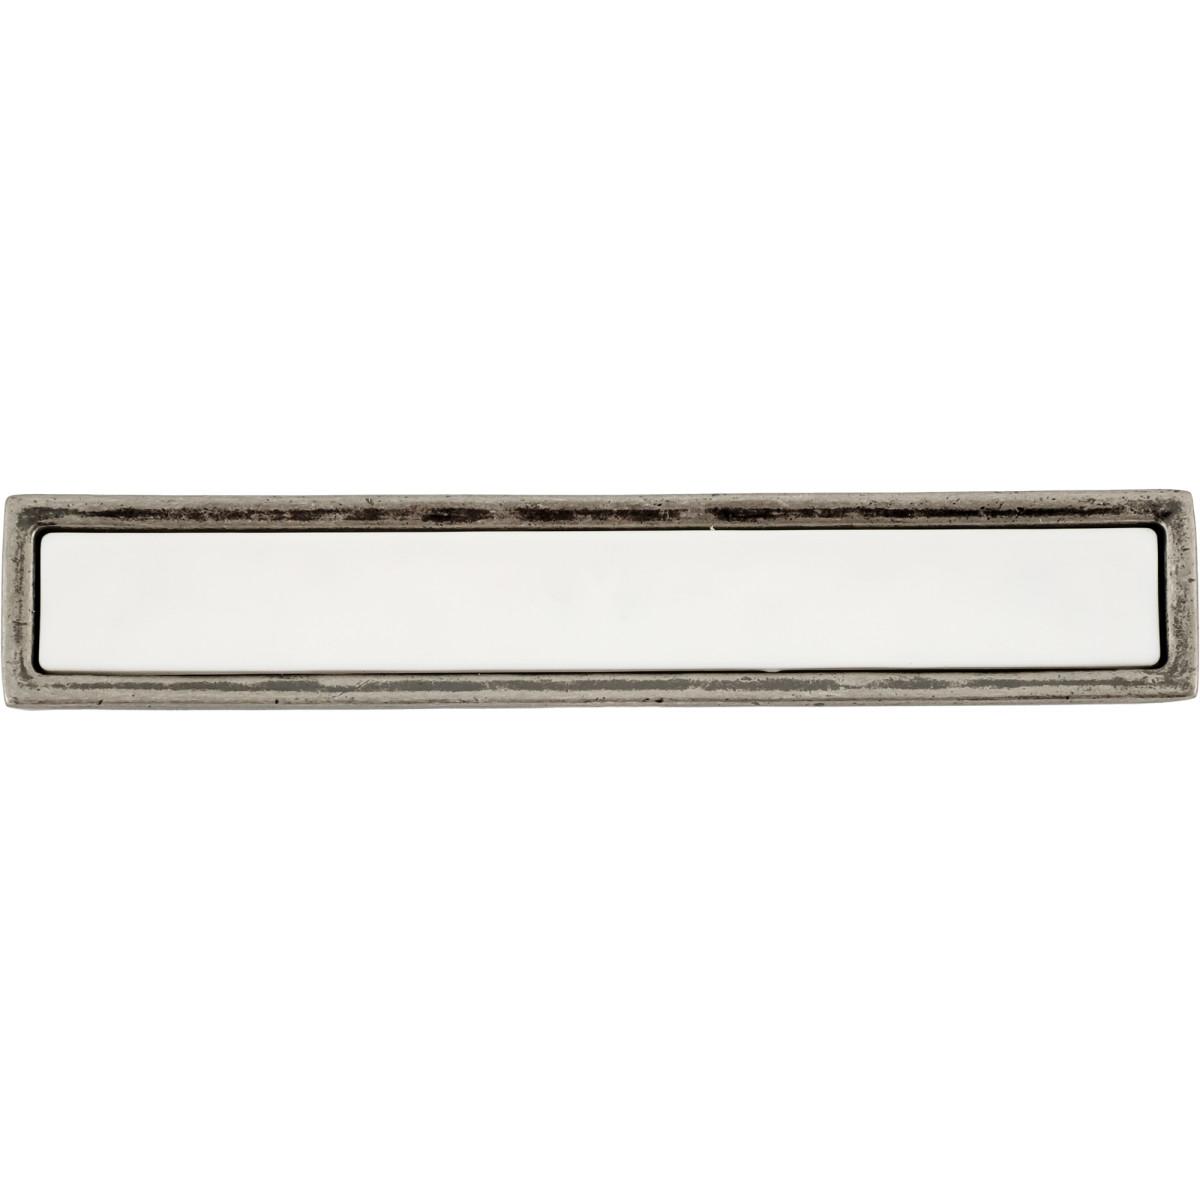 Ручка-Скоба Мебельная Sf15-11 96 Цвет Серый